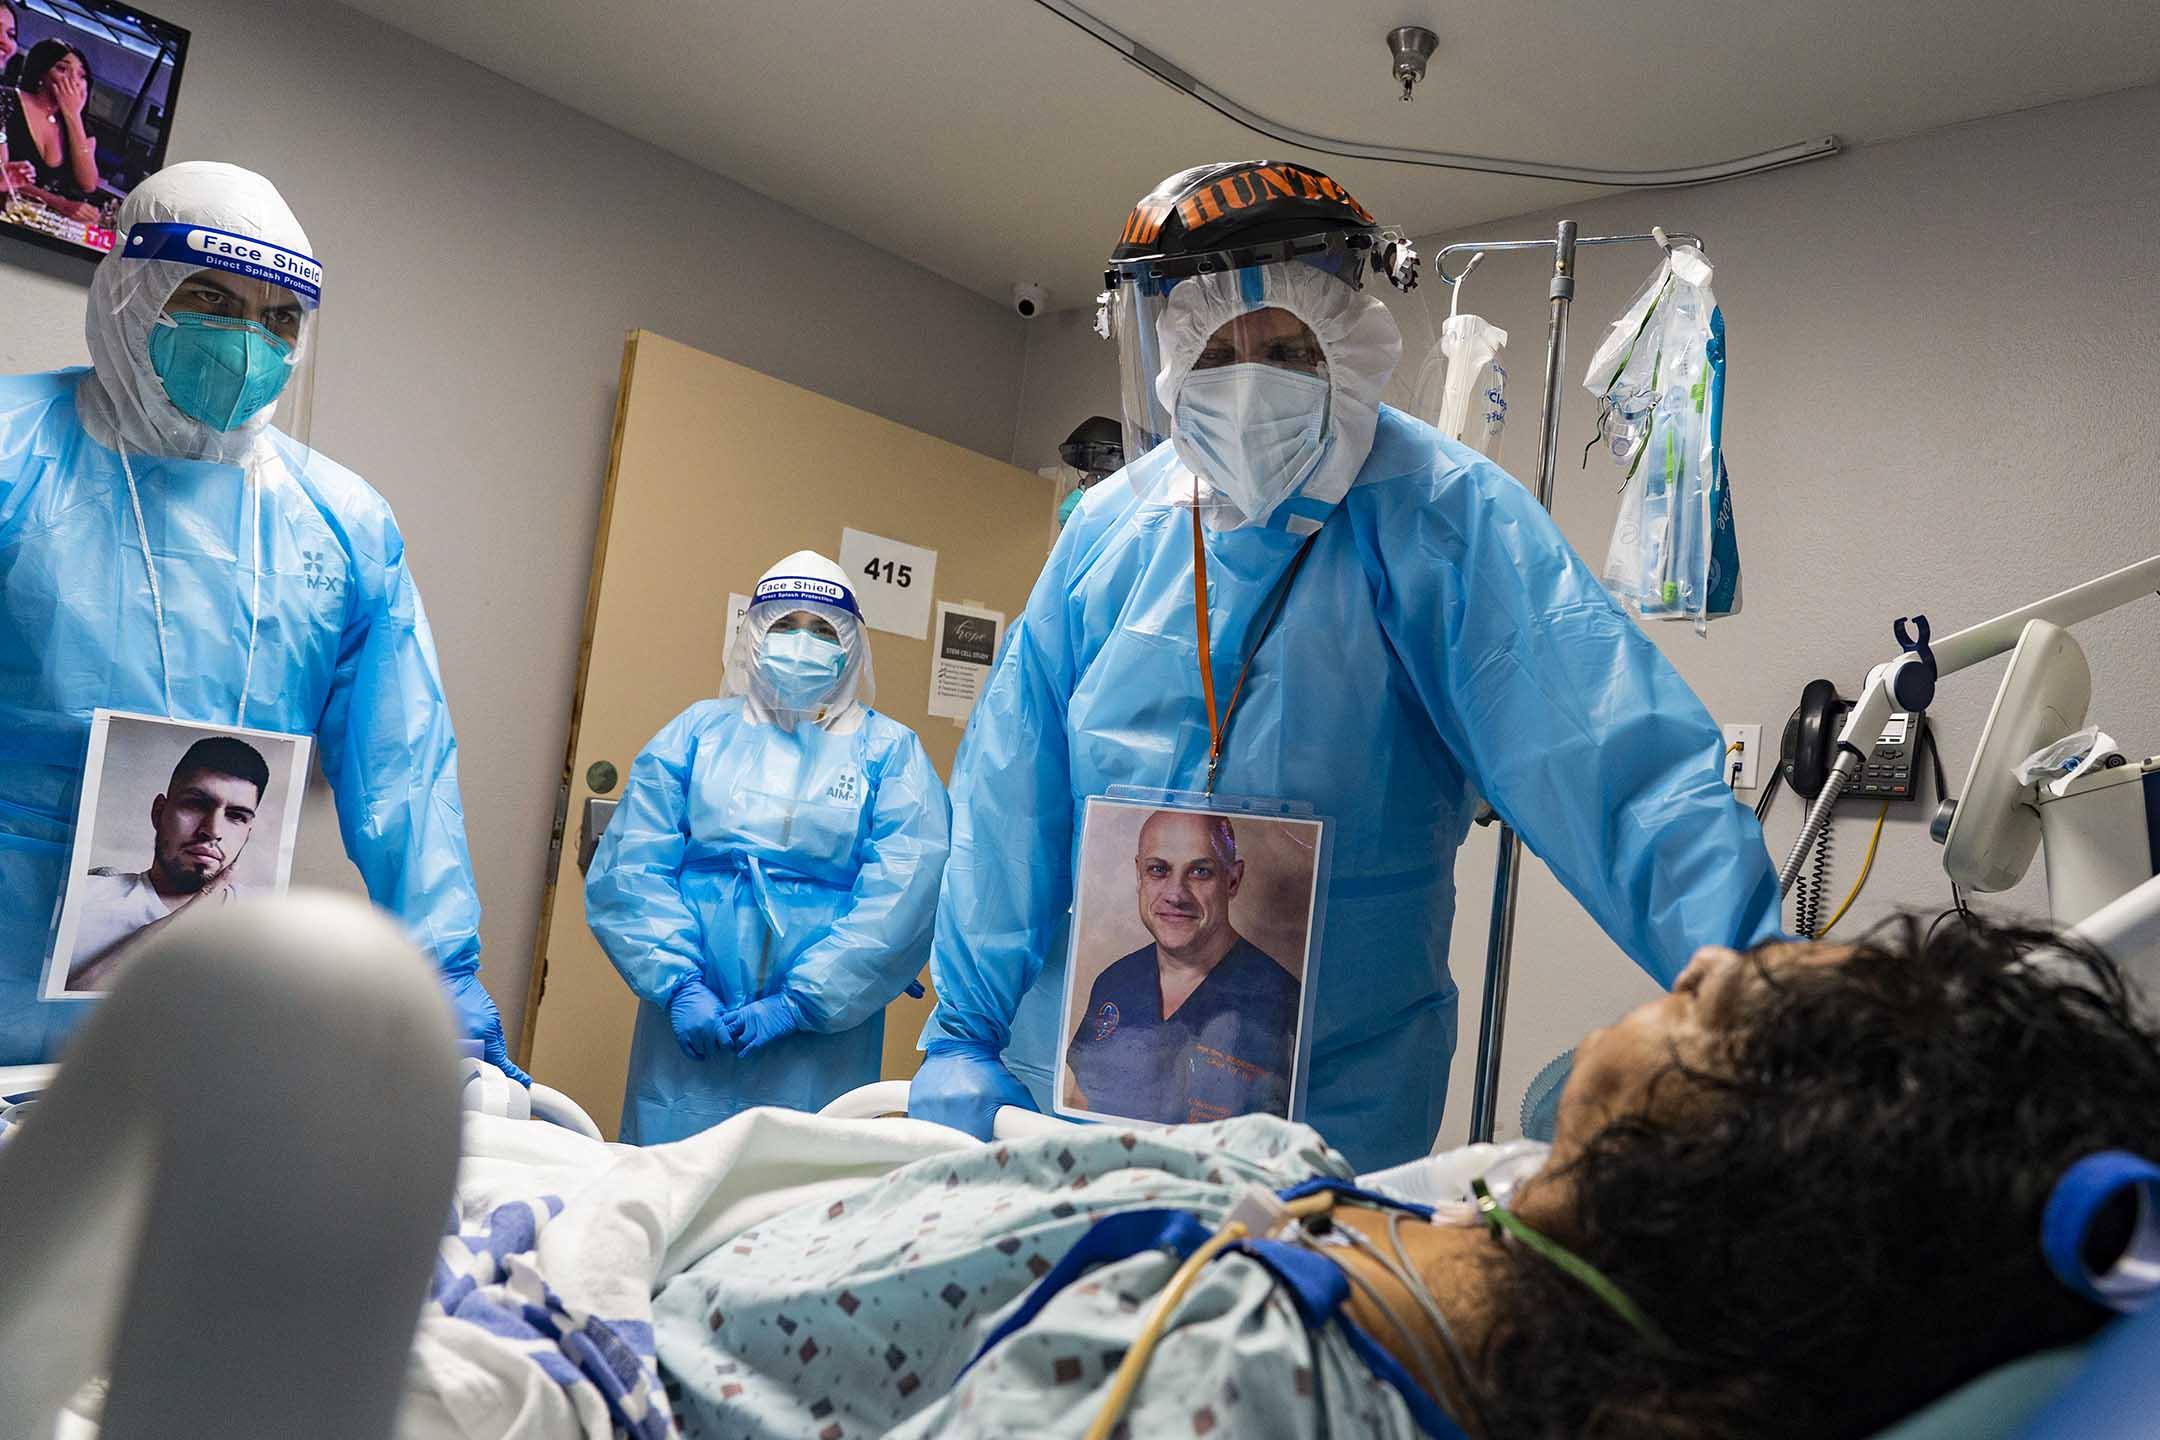 2020年11月8日美國德克薩斯州,醫務人員於醫院的2019冠狀病毒加護病房檢查患者。